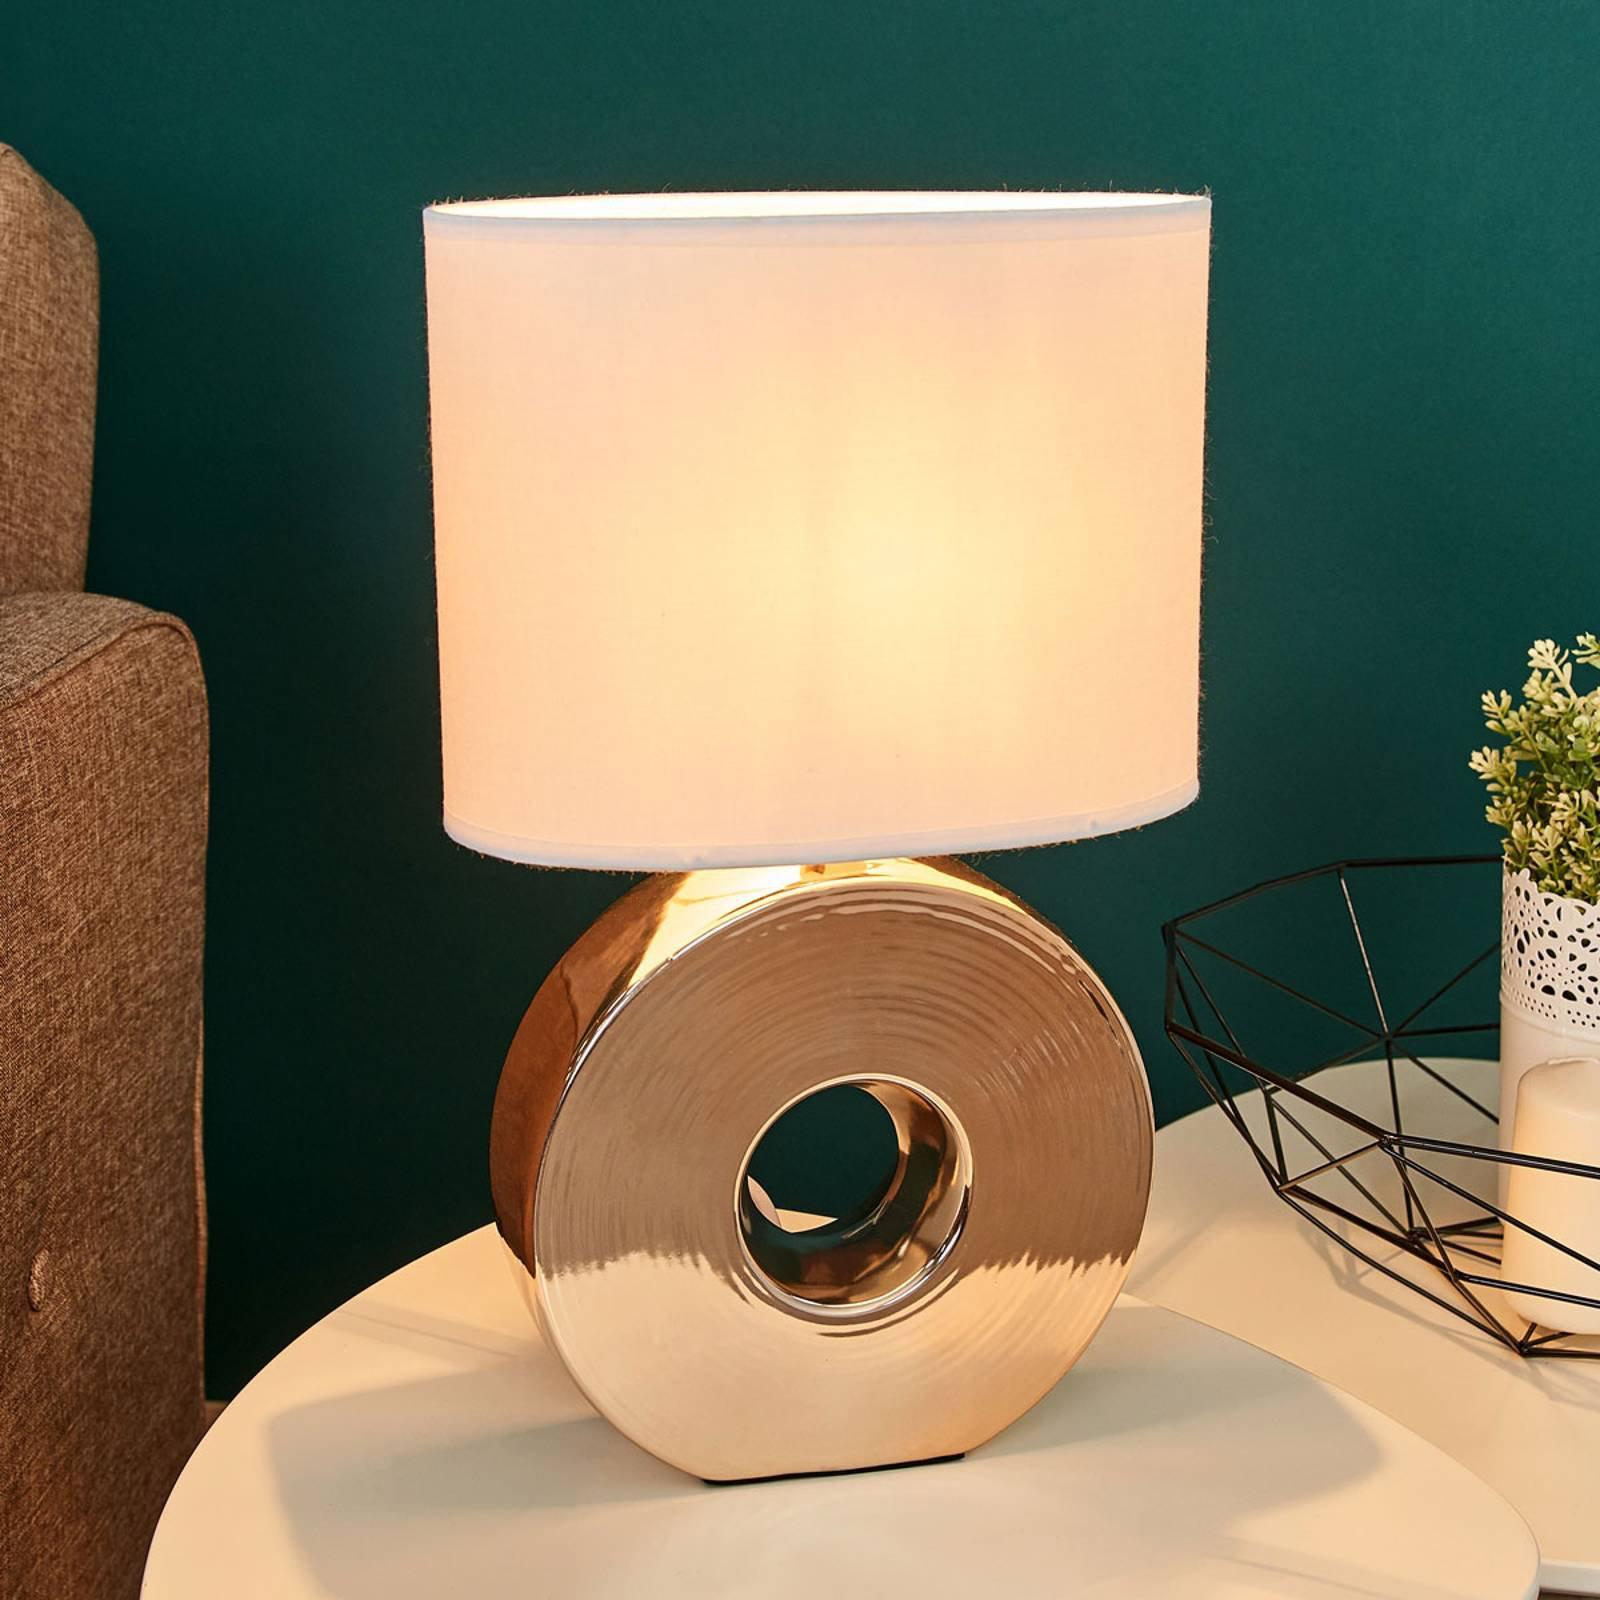 Gyllen keramikkfot - bordlampe Eye 38 cm